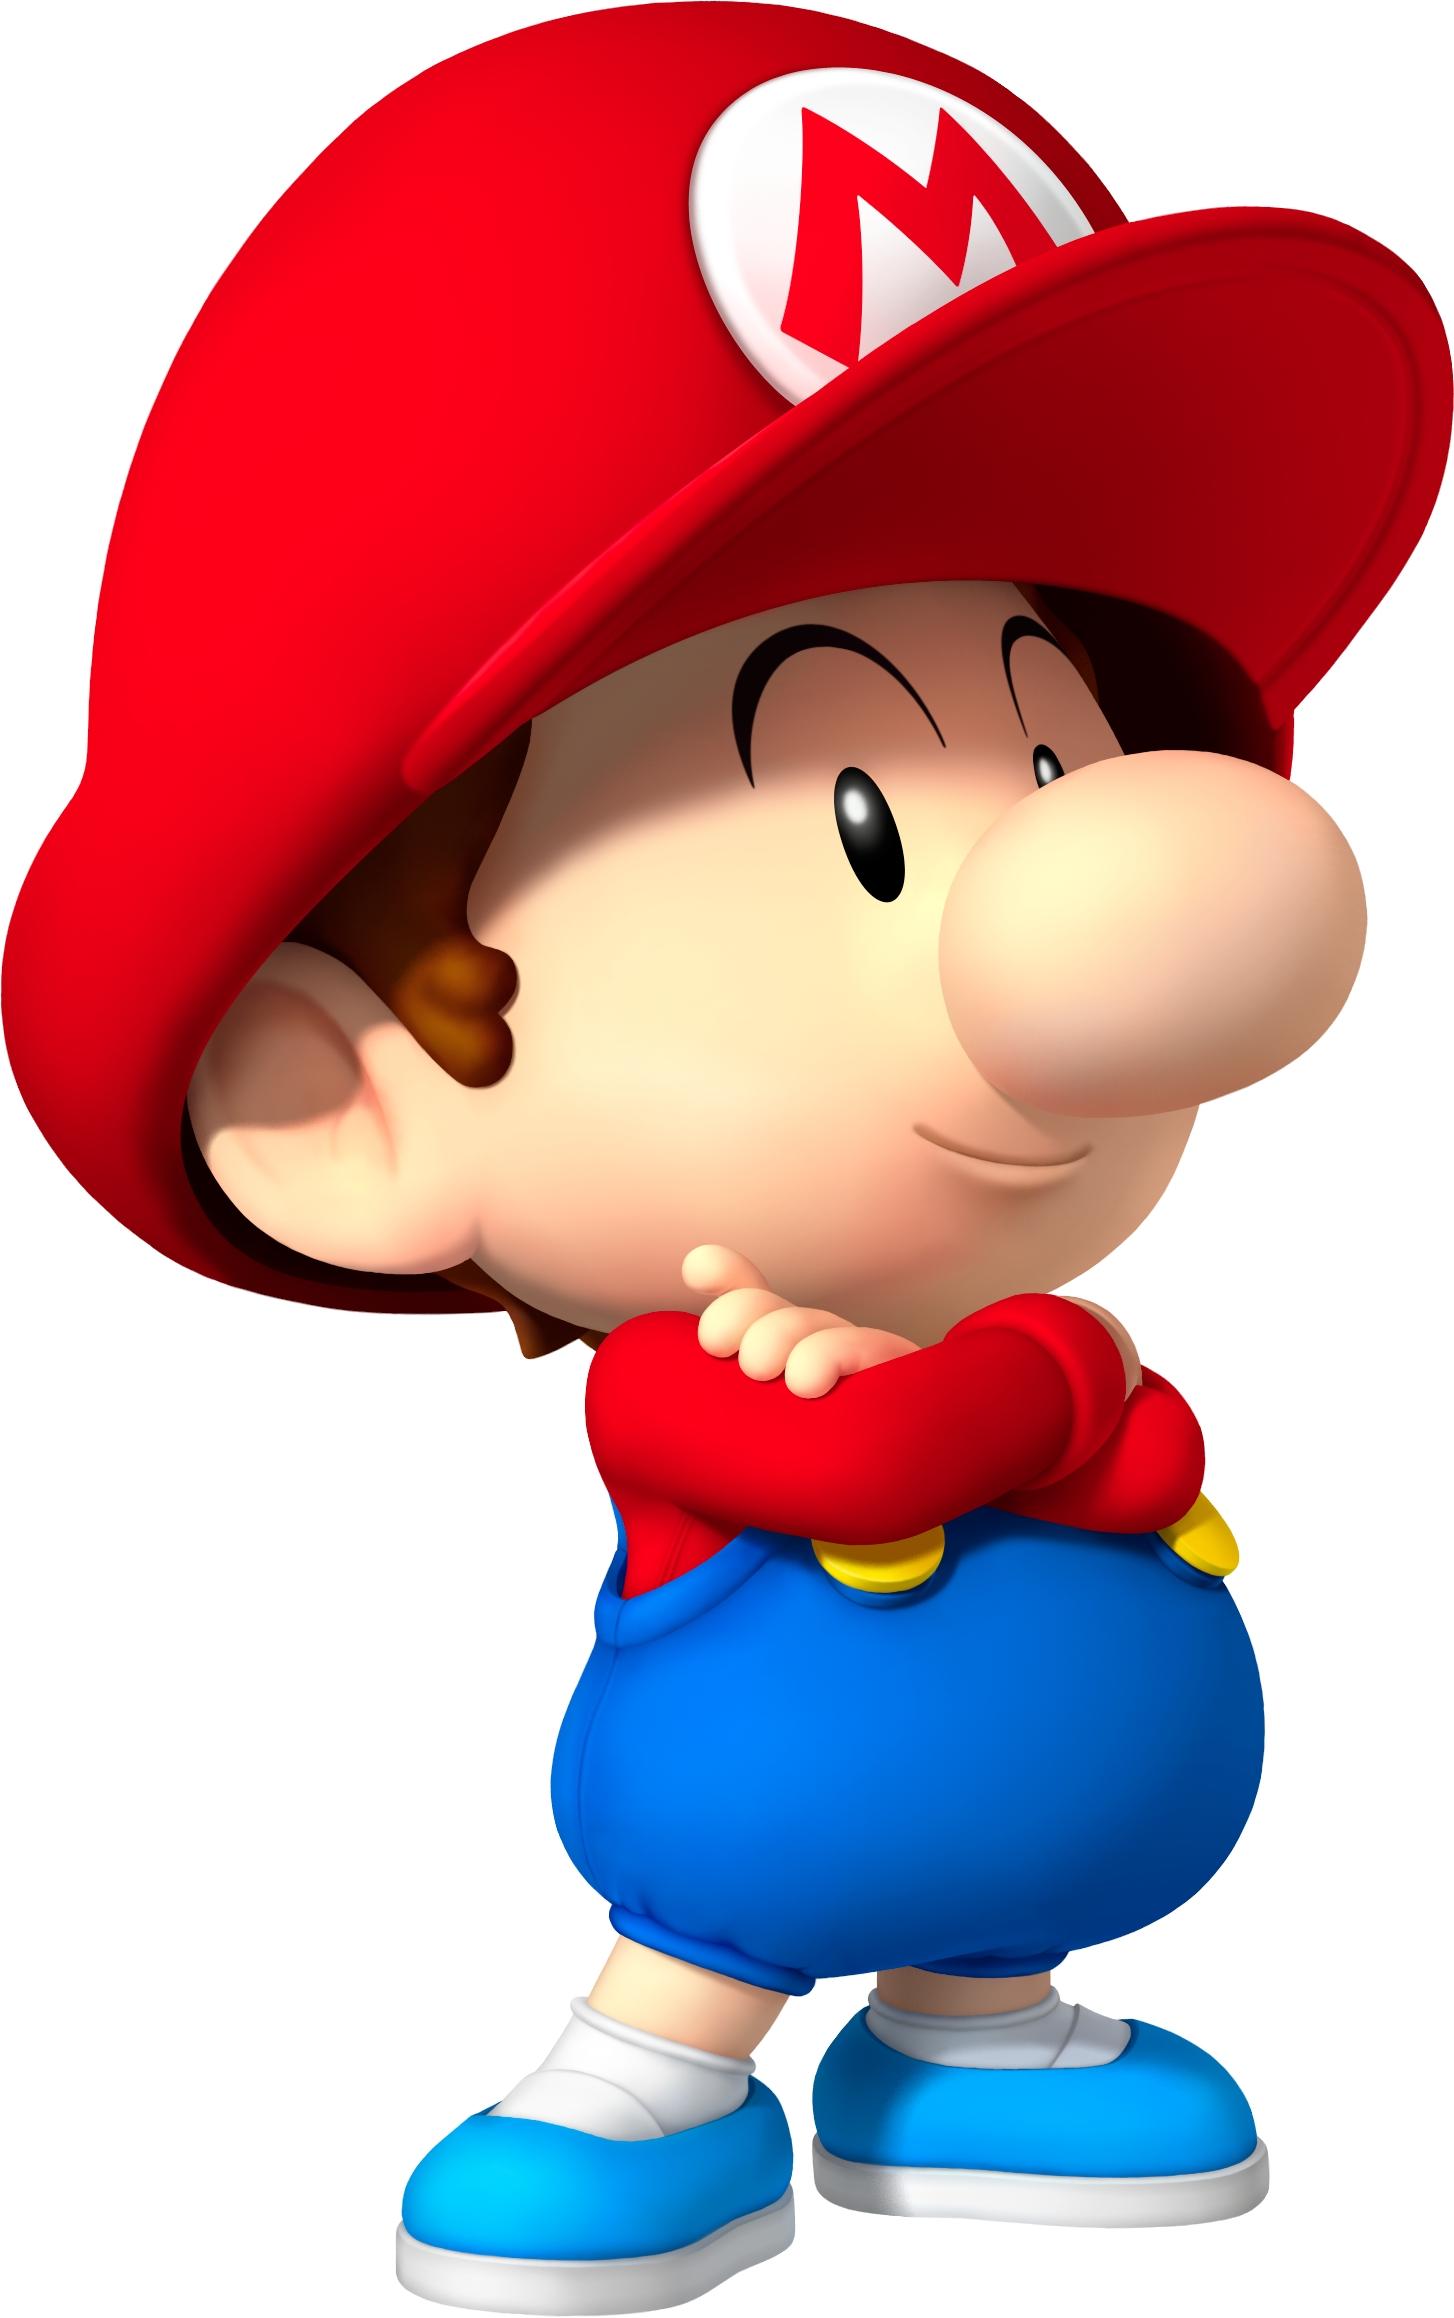 Super Mario Bros.: Diaper Duty | Fantendo - Nintendo Fanon Wiki ... jpg royalty free library